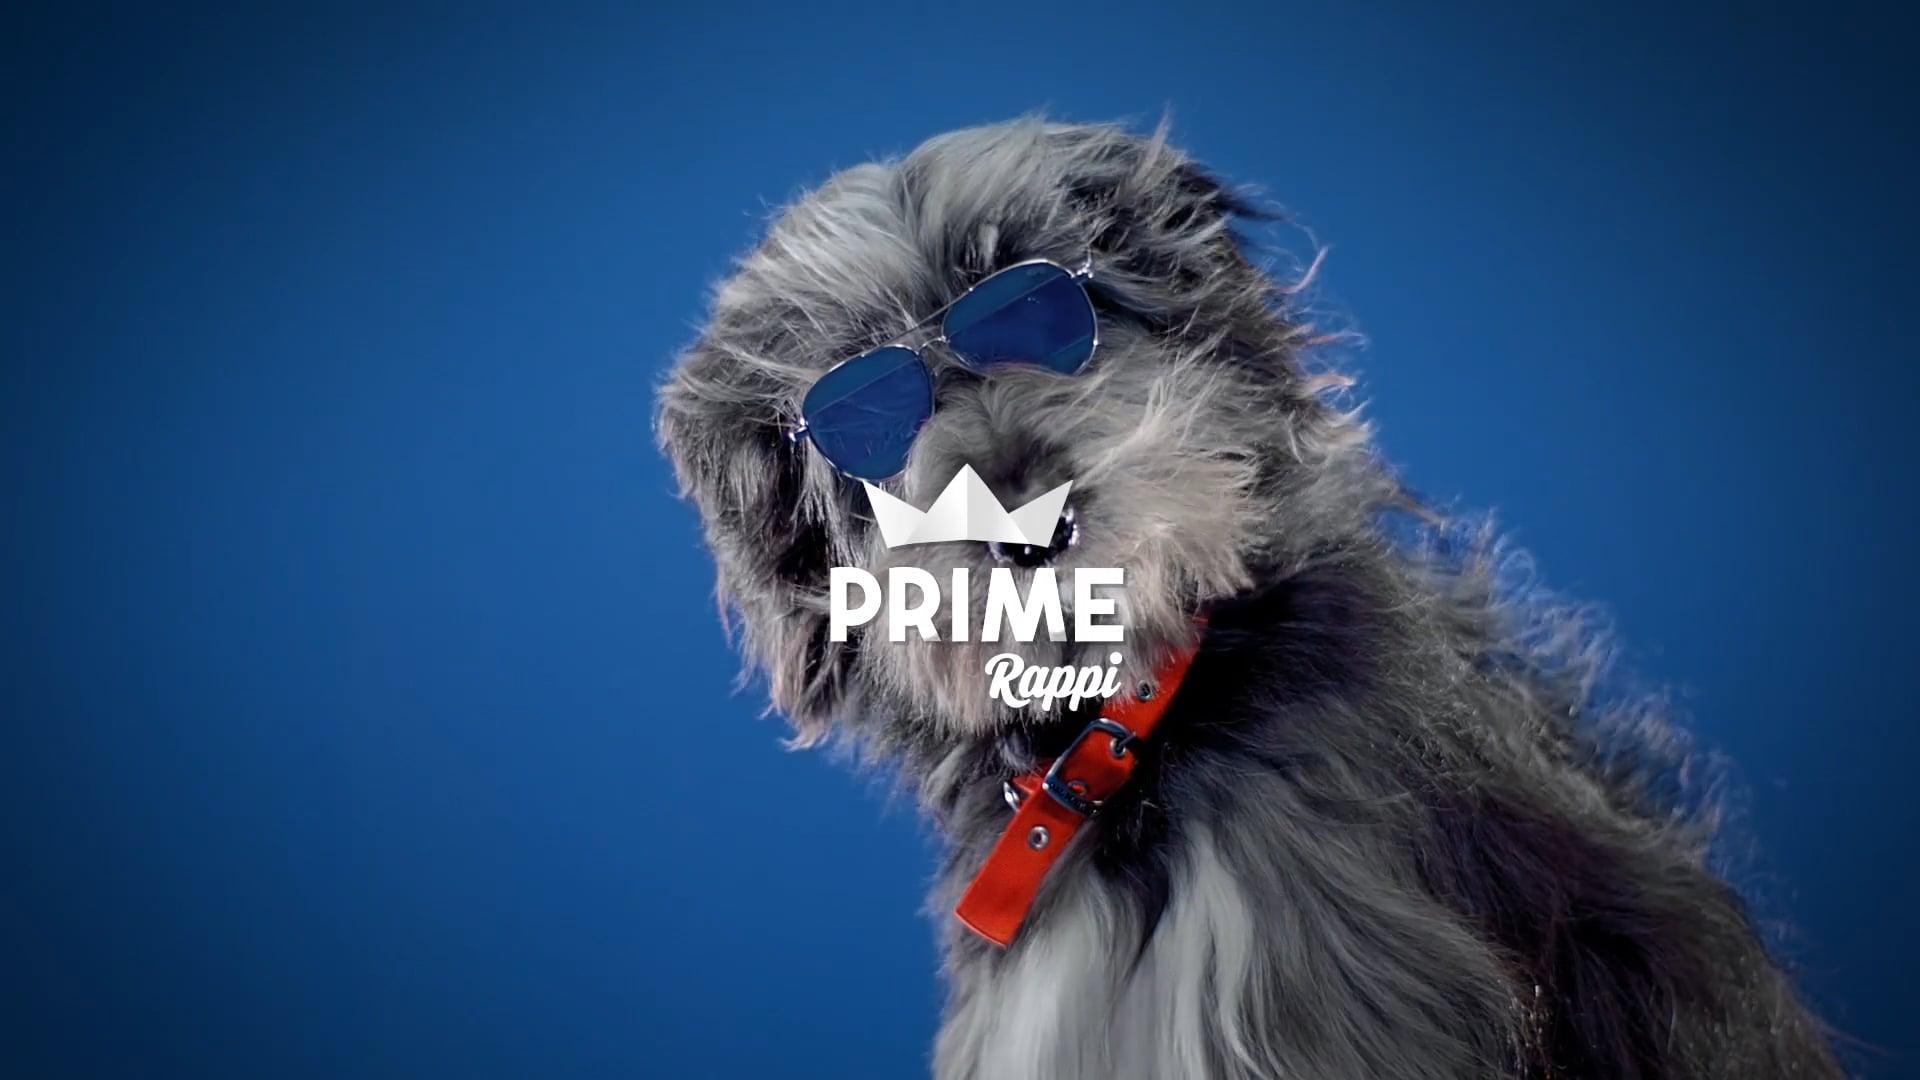 Rappi - Prime - Perro